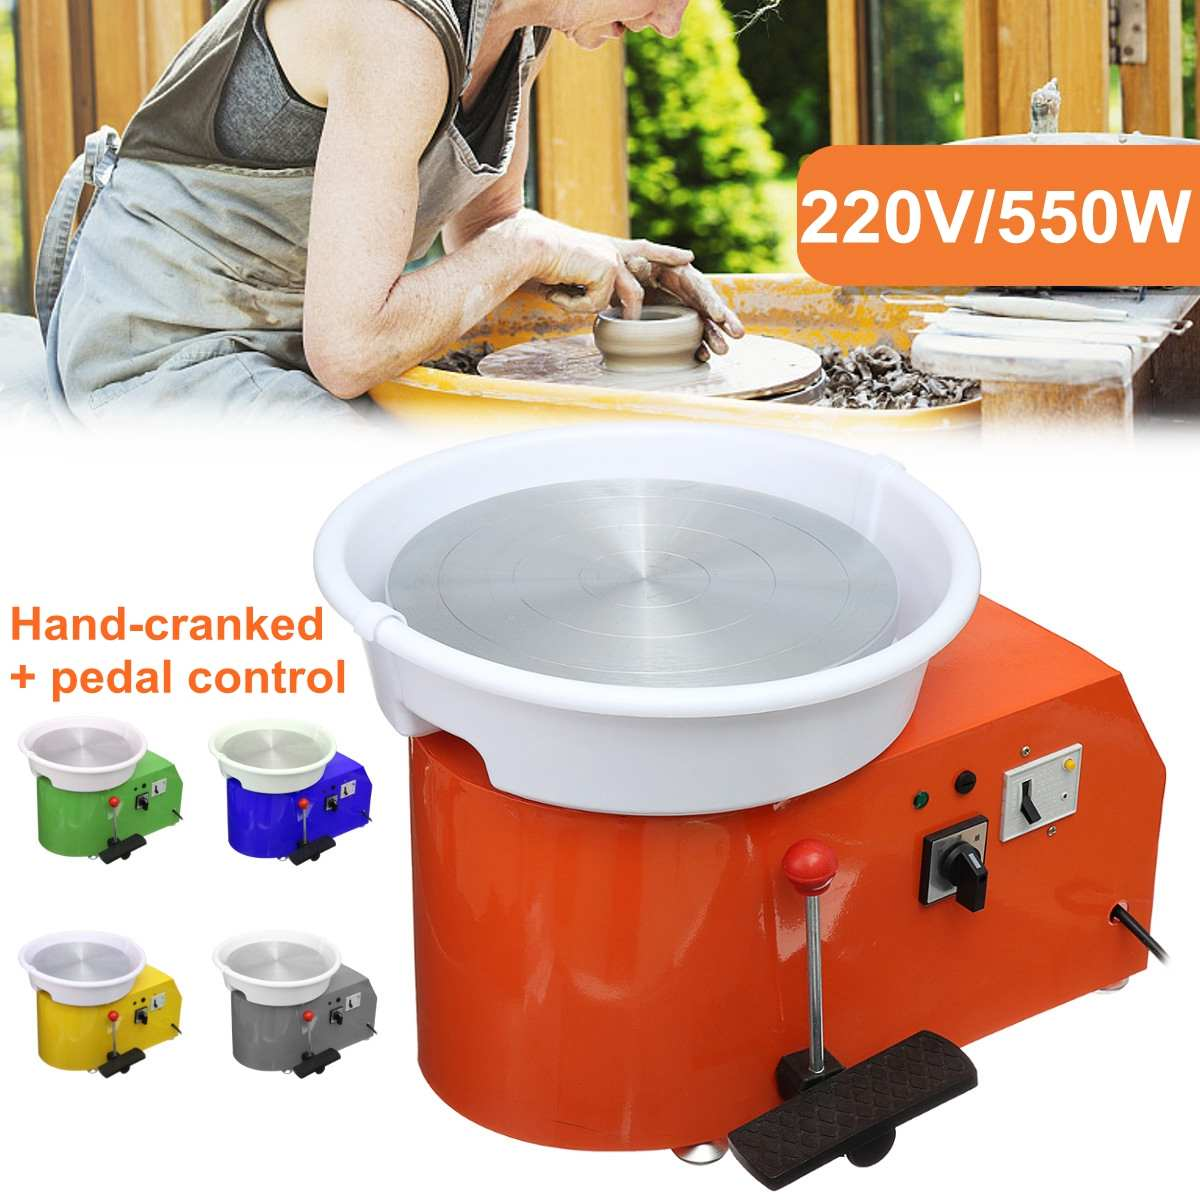 Tournant la Machine en céramique de roue de poterie électrique 220 V 550 W 300mm Kit de potier en céramique d'argile pour la céramique de travail en céramique - 2